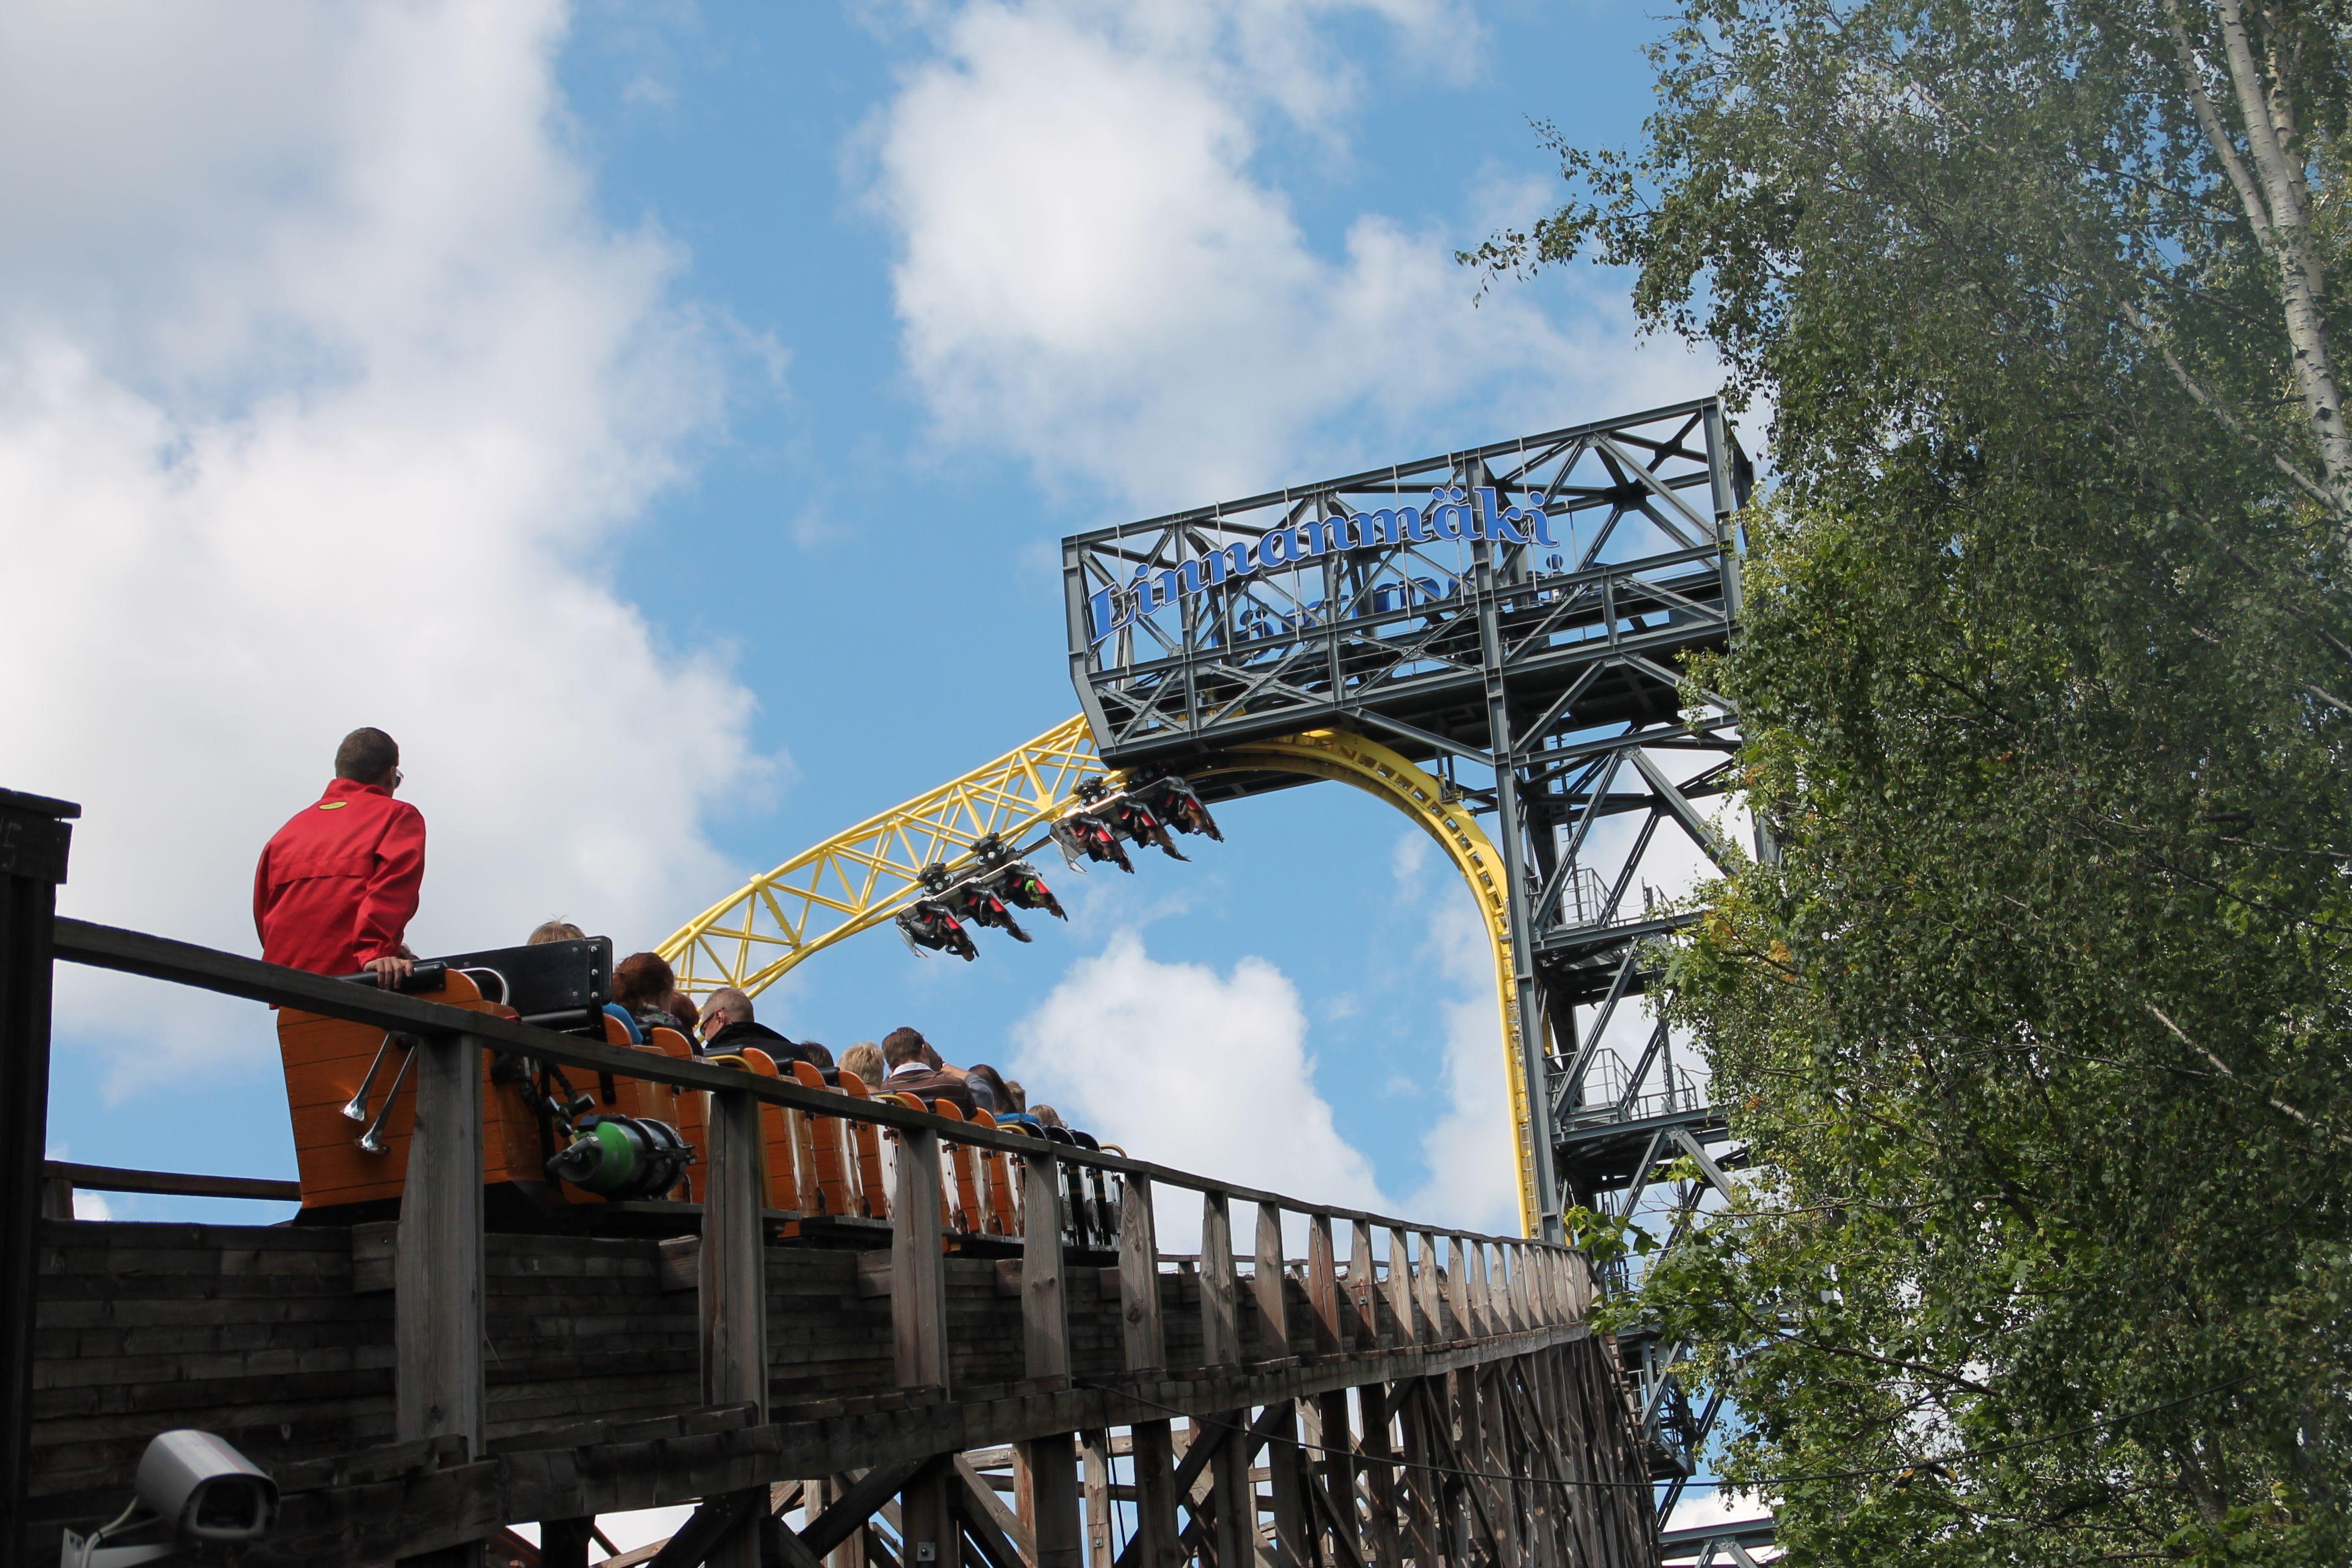 Vuoristorata - Linnanmäki #finland #helsinki #linnanmaki #happy #fun #friends #visitfinland #huvipuisto #amusementpark #nojespark #laatuaikaa #hupi #hauskanpito #puisto #park #vuoristorata #rollercoaster